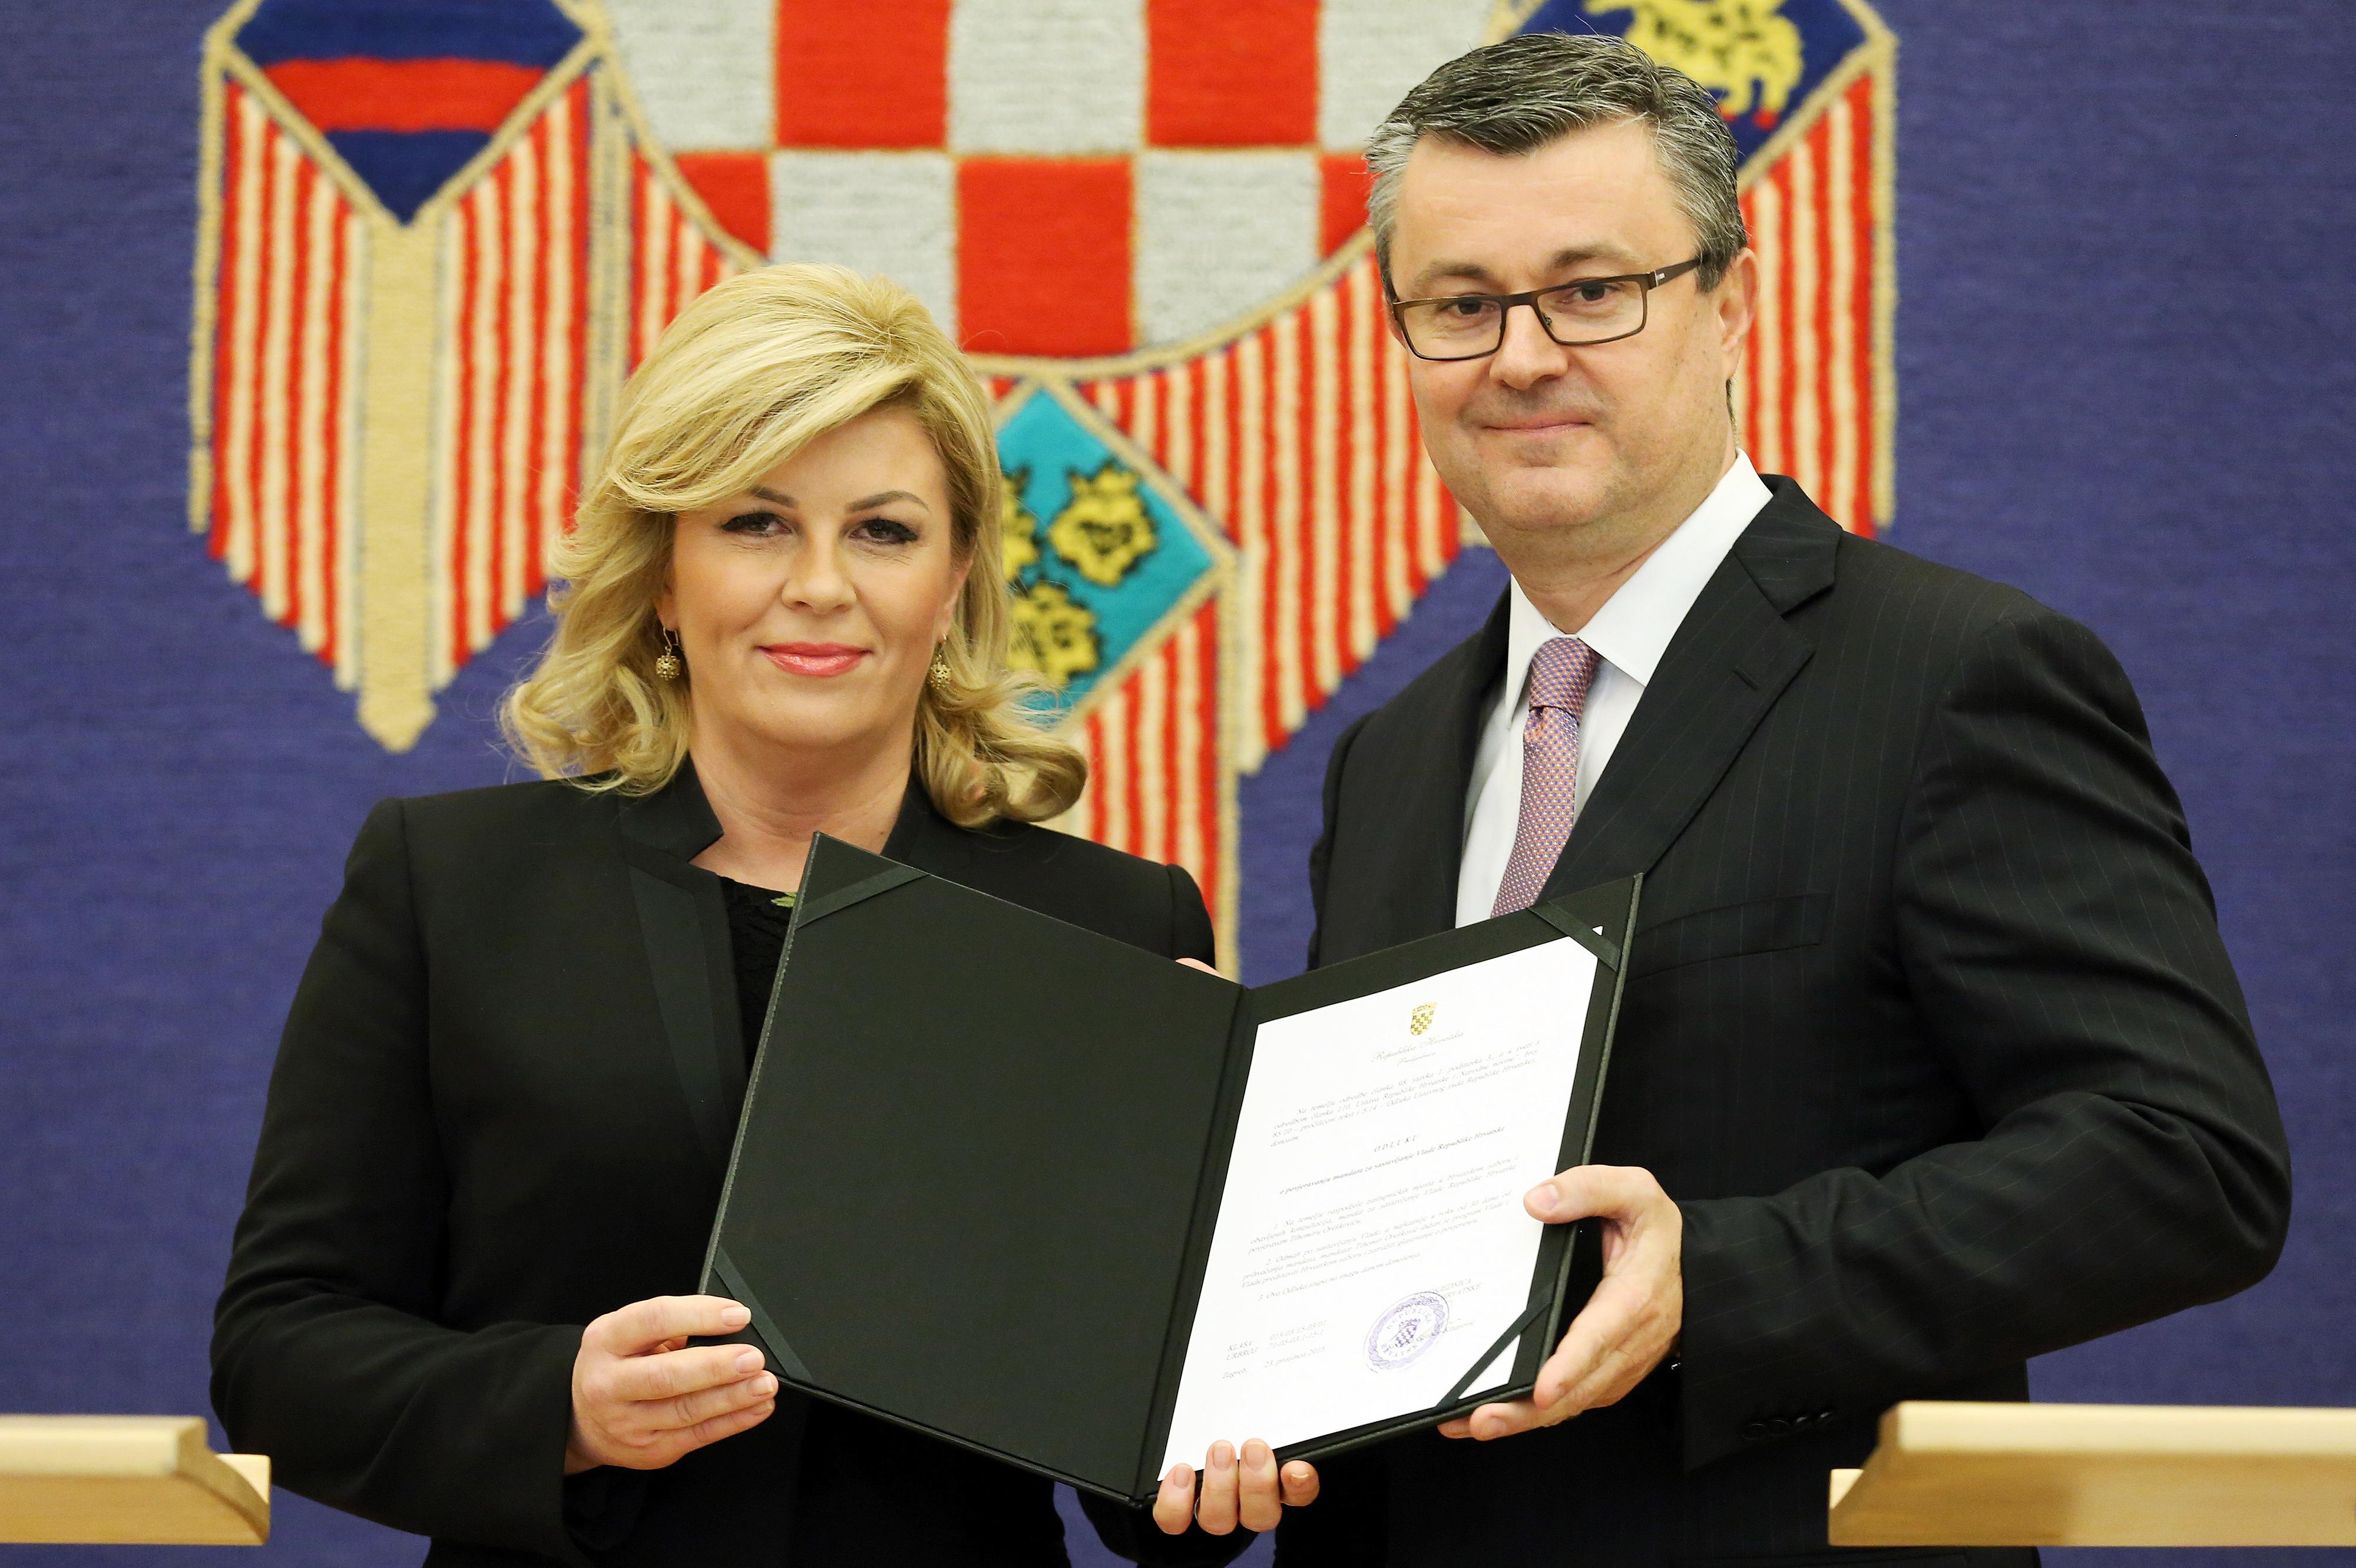 Lezártultak a koalíciós tárgyalások Horvátországban: A HDZ és a Híd alakít kormányt